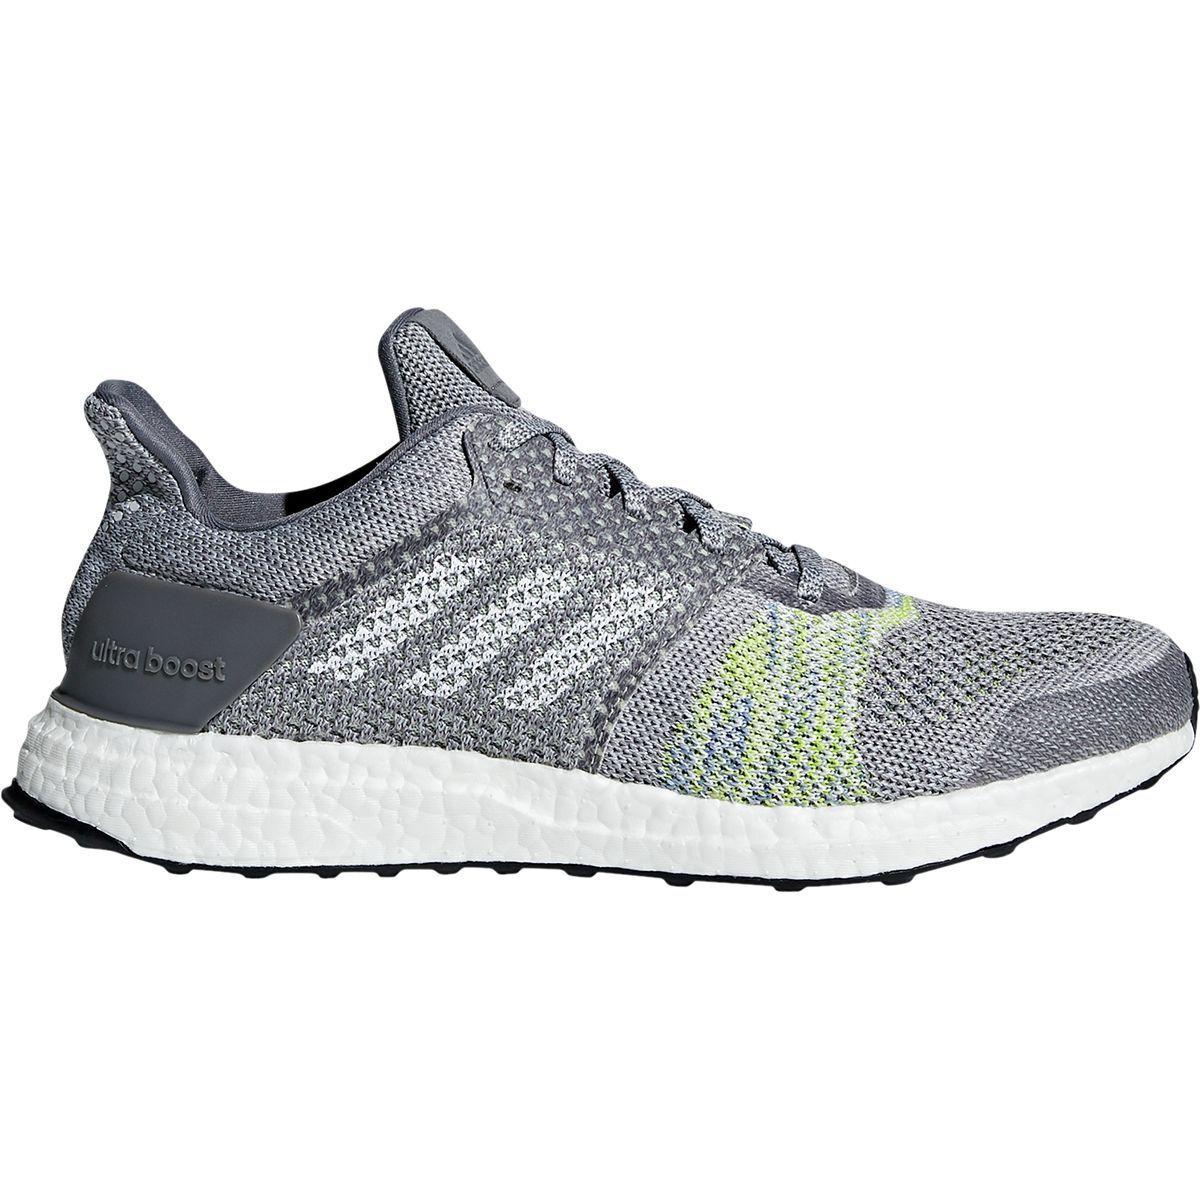 adidas ultra boost st st boost chaussure de course - hommes gris deux Gris  cinq solar bave 10,5 364c3b